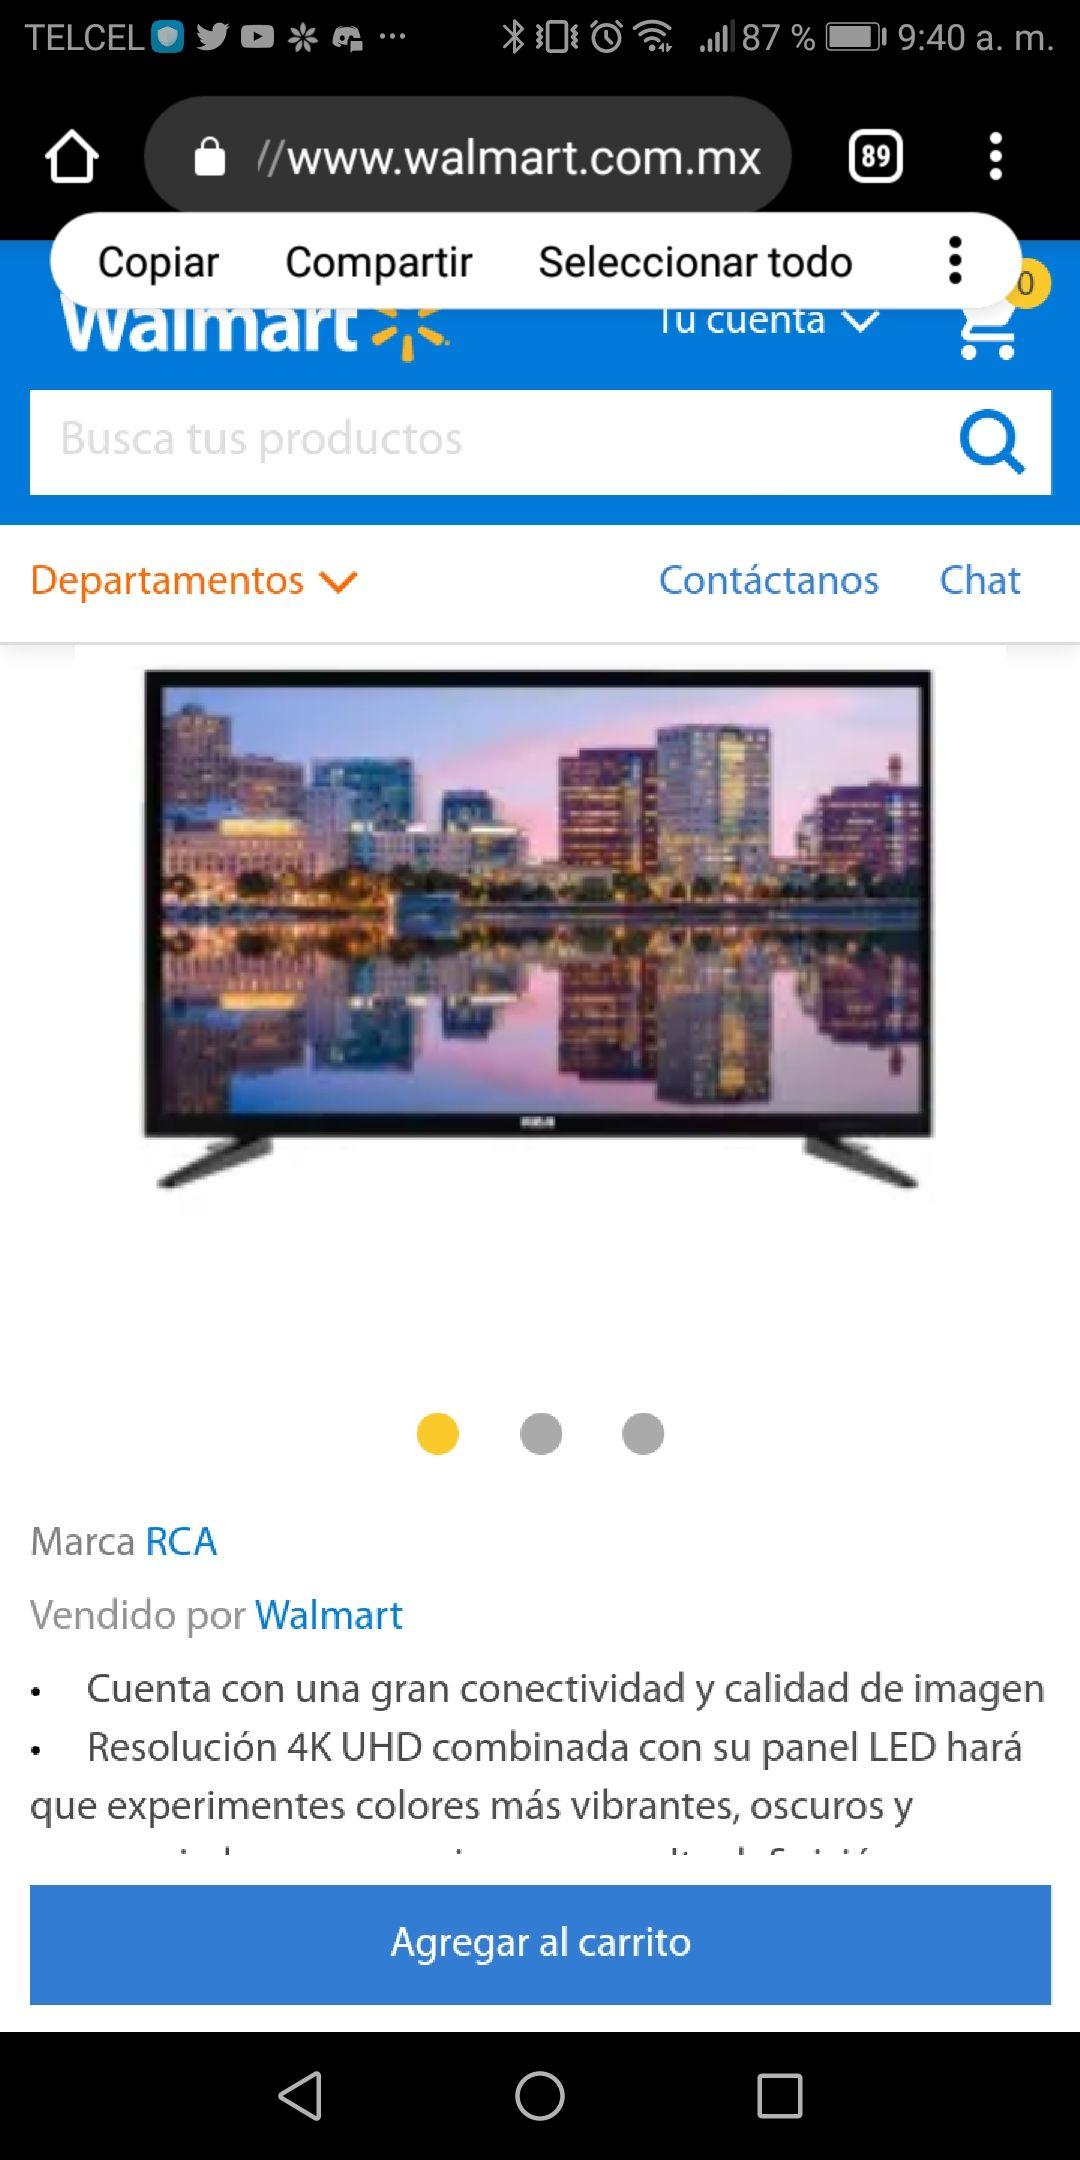 Walmart: Pantalla RCA 55'' 4k UHD Reacondicionada vendida por Walmart (pagando con Bancomer o inbursa a 18 msi)